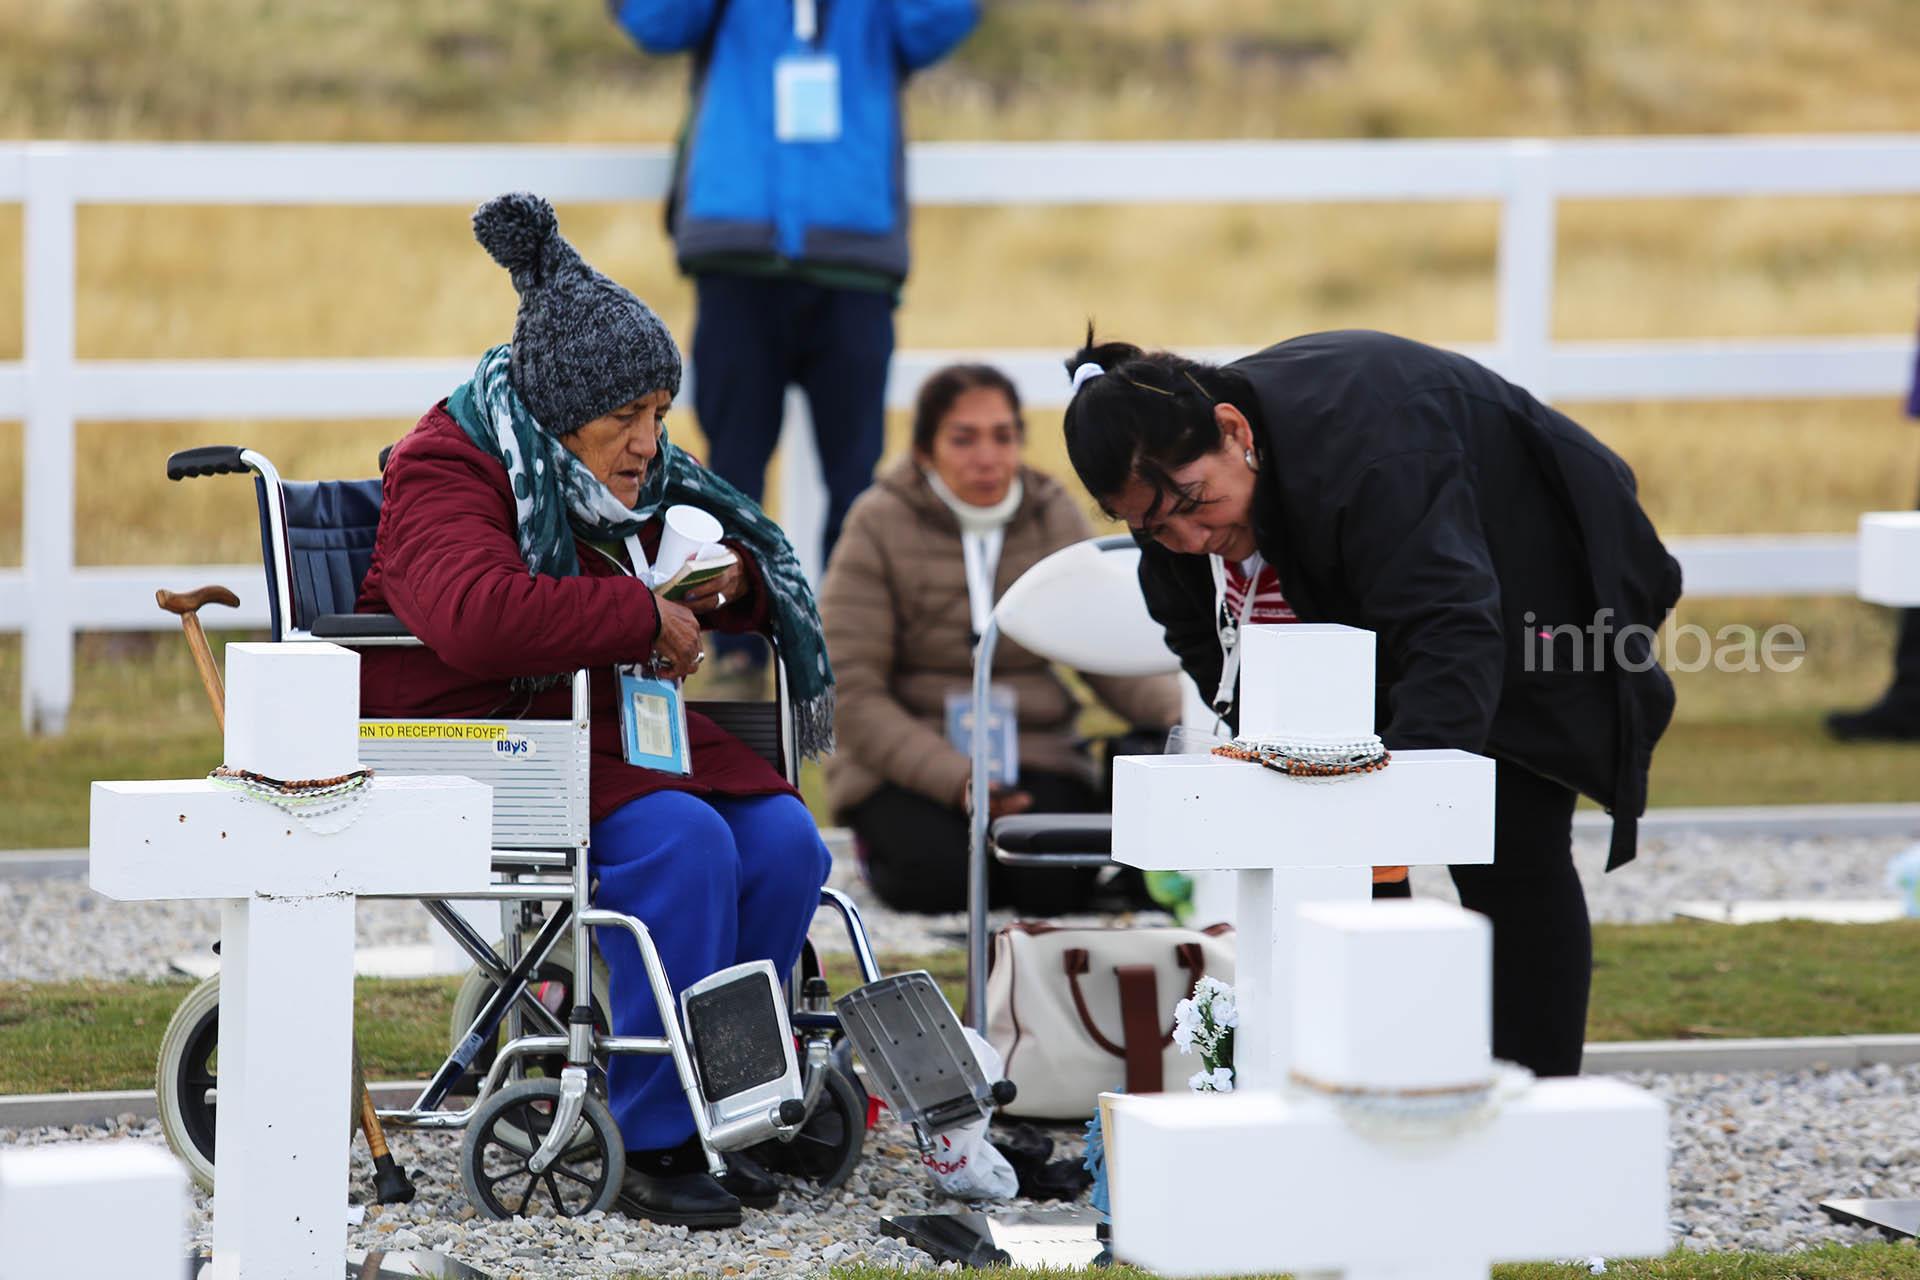 Cristina Lera, en una silla de ruedas, protagoniza el primer reencuentro con su hijo Luis Guillermo Sevilla. Su hija Miriam cumple con la promesa que le hizo a su familia en salta: llevar una foto de todos y dejarla oculta entre las piedras del cementerio